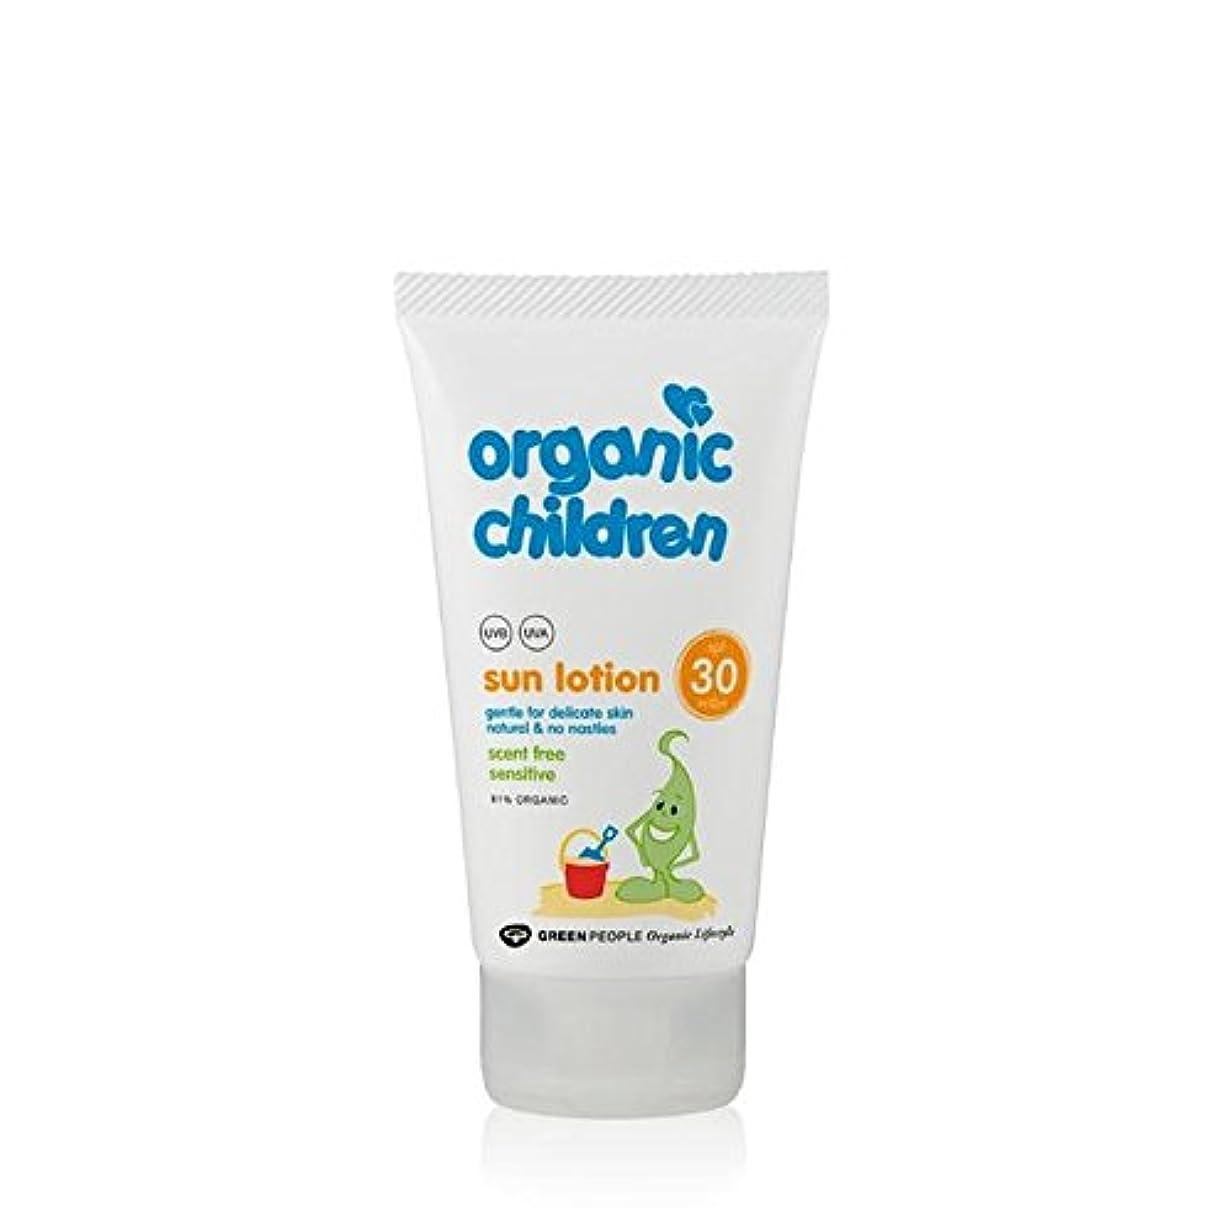 尊敬する麻酔薬バイバイ有機子ども30の香り無料のサンローション150 x4 - Organic Children SPF30 Scent Free Sun Lotion 150ml (Pack of 4) [並行輸入品]